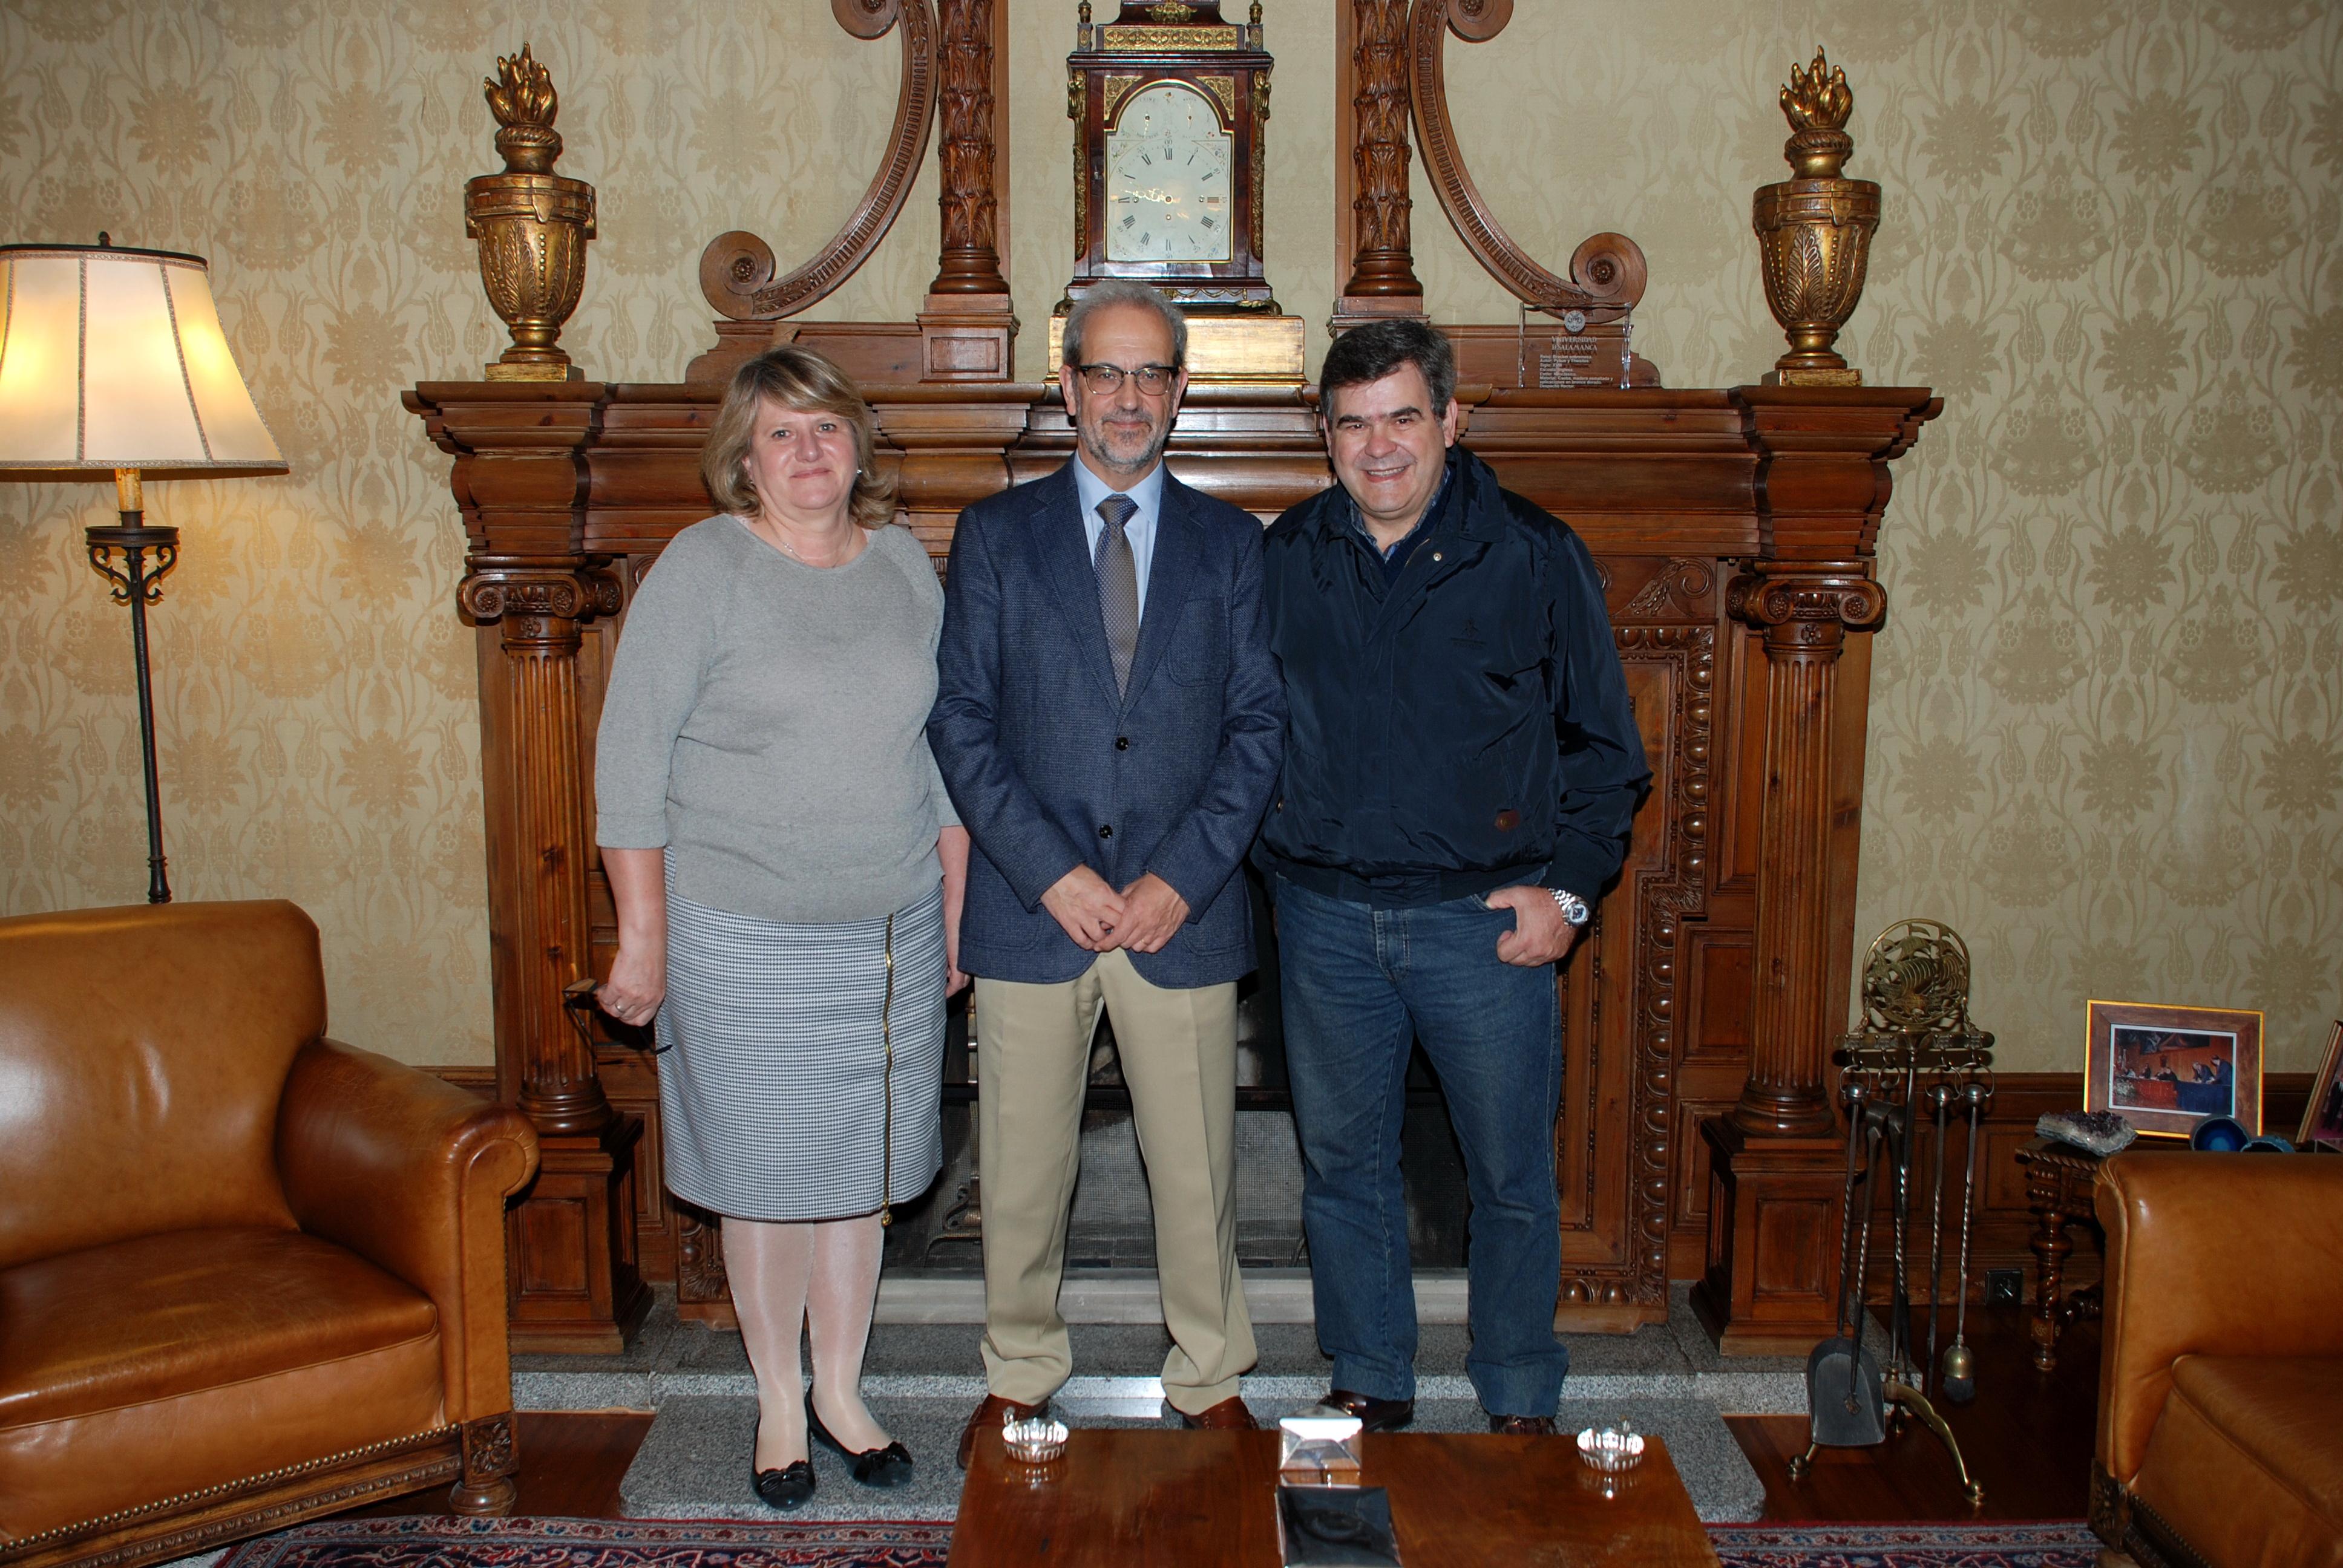 El rector recibe a representantes de la Universidad del Norte Santo Tomás de Aquino, de Tucumán